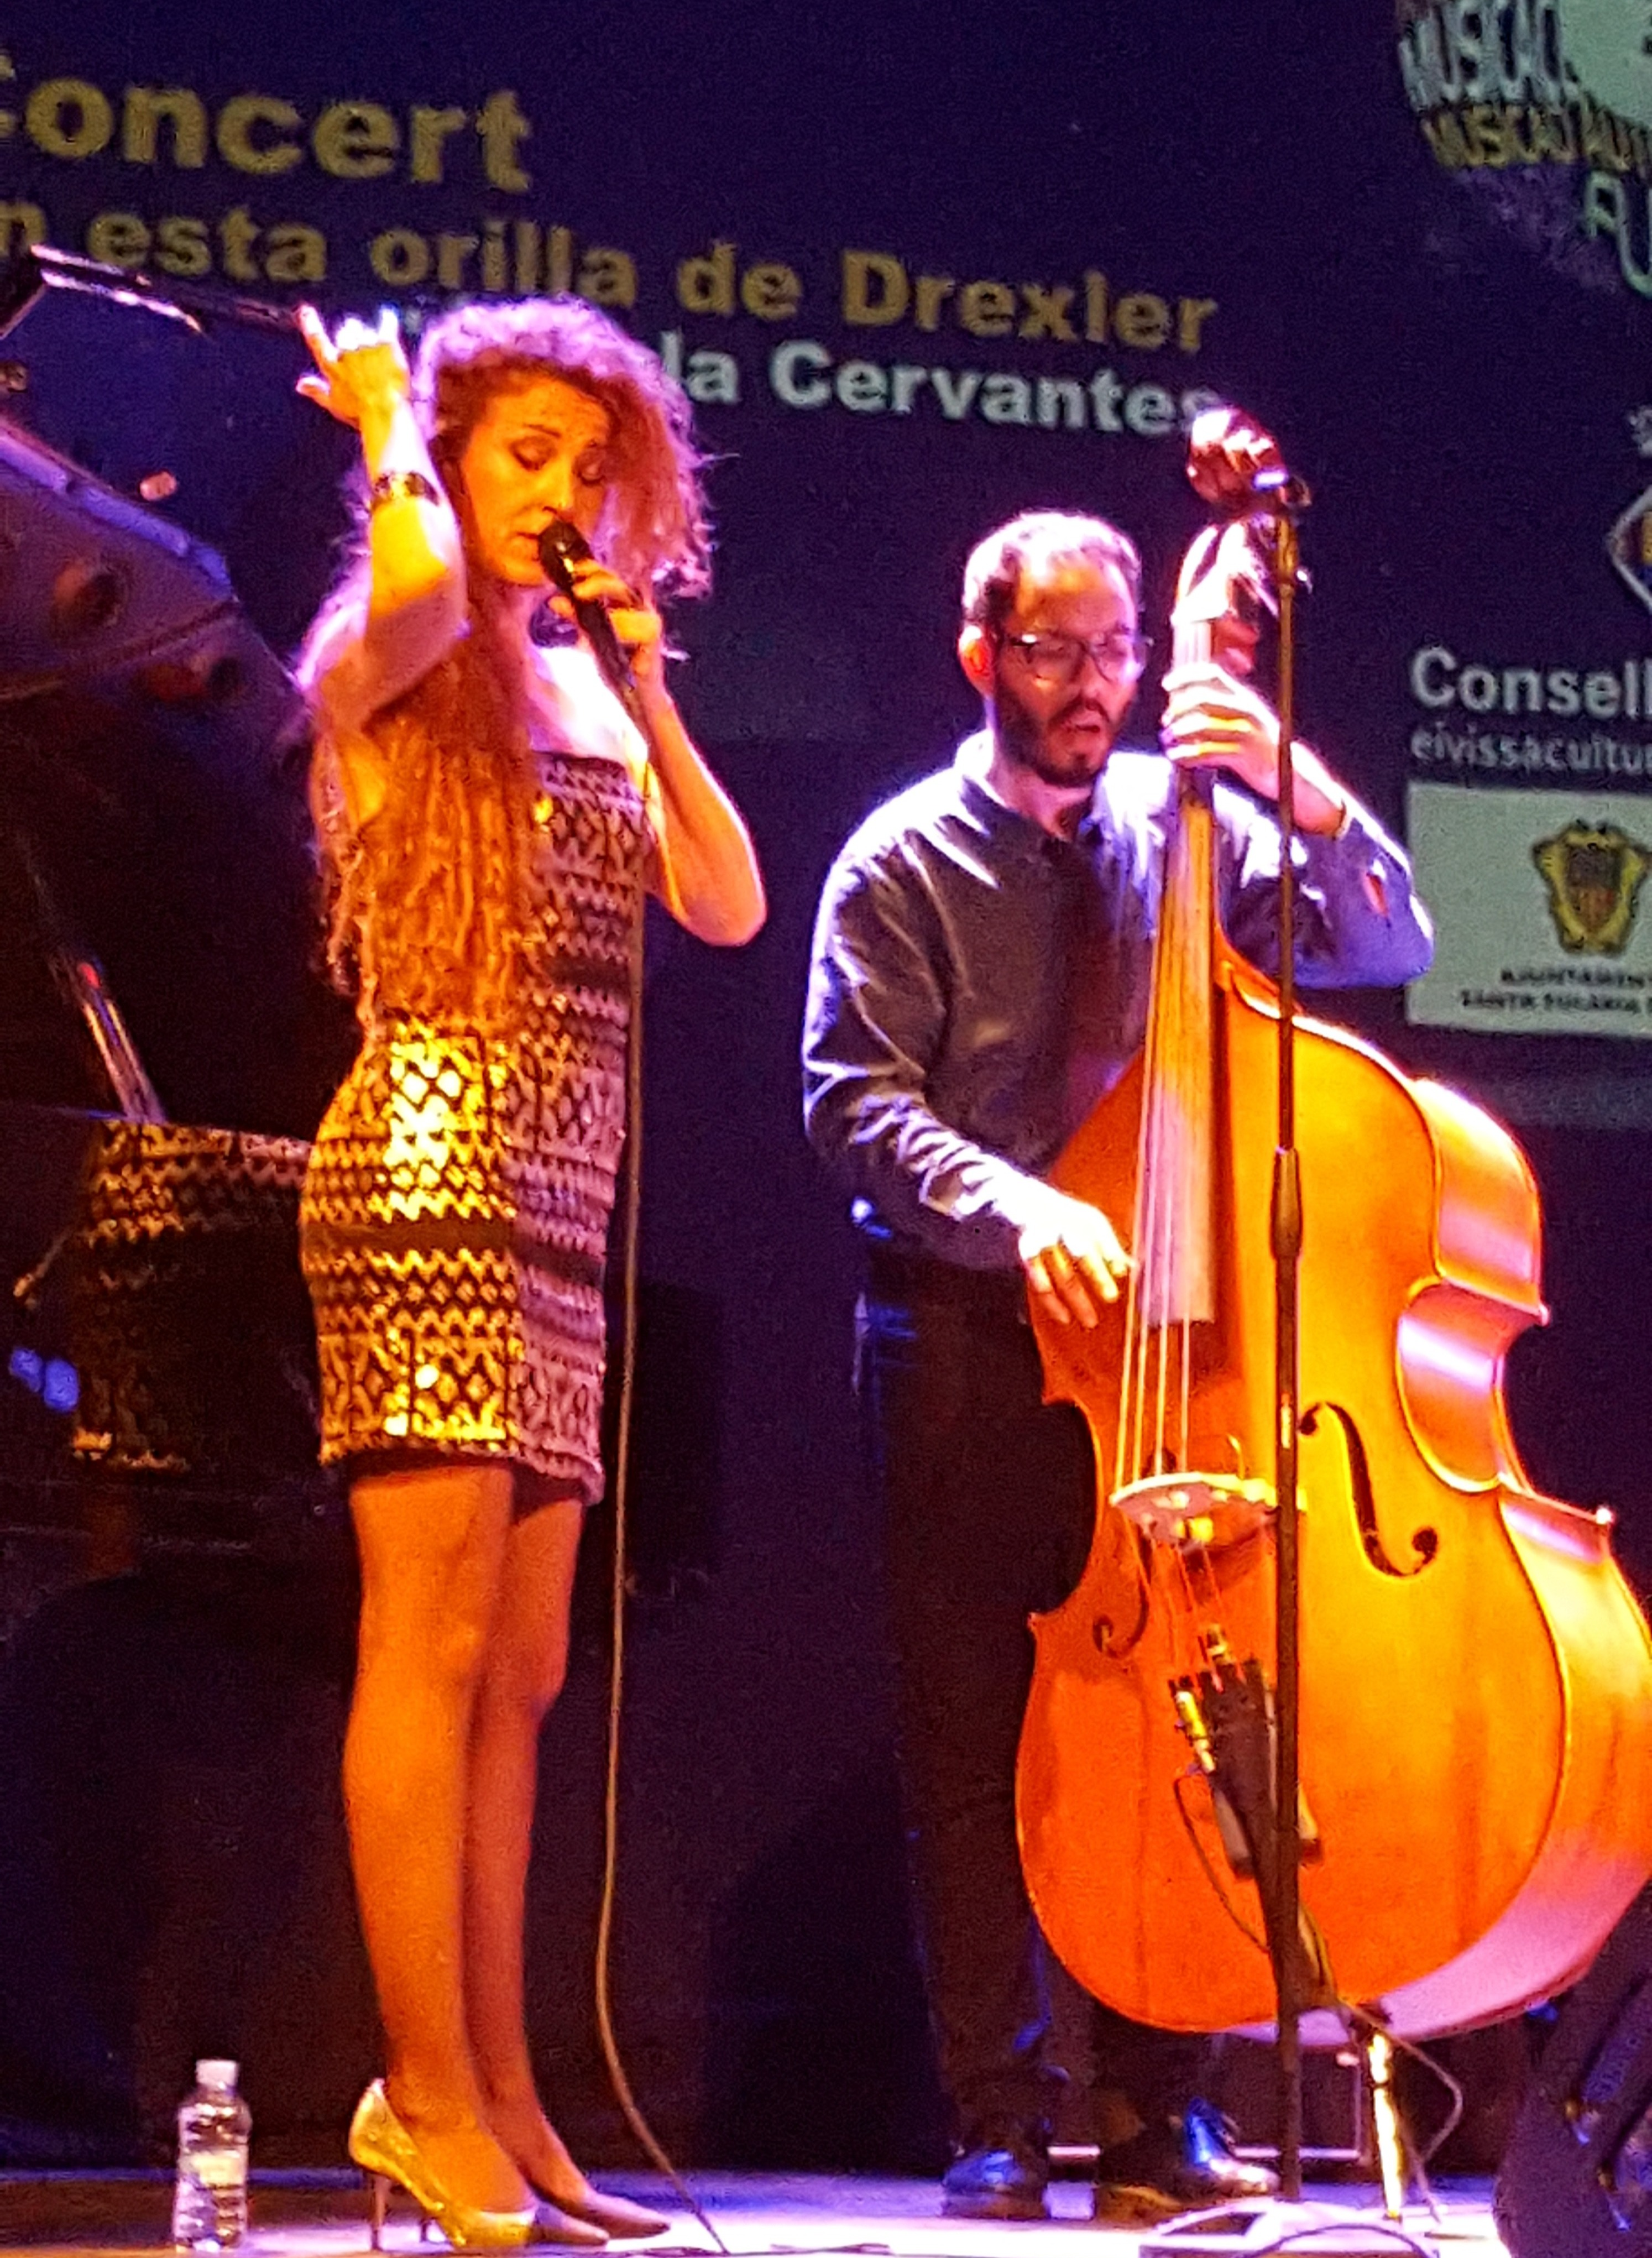 Angela Cervantes en concierto